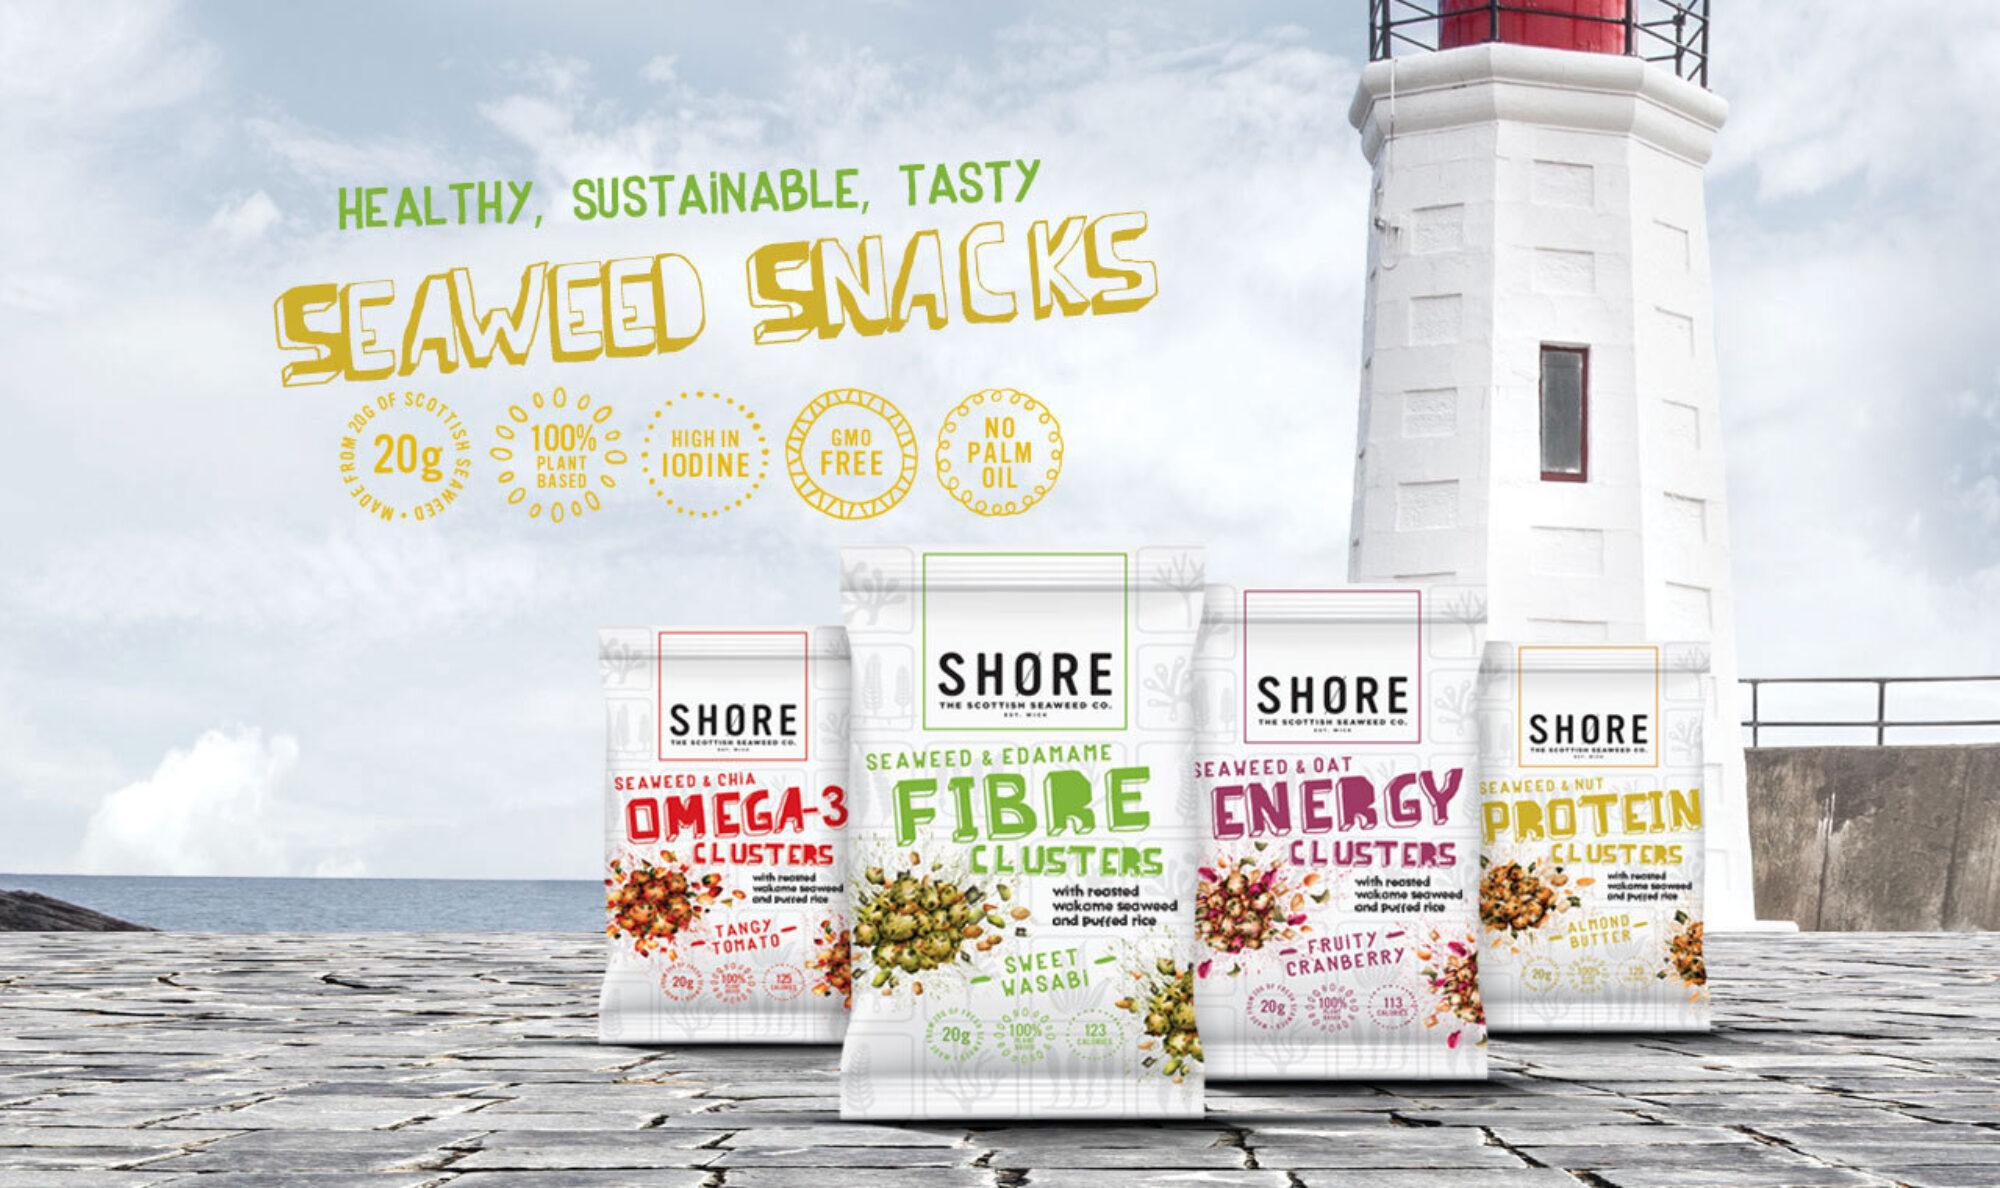 shore-seaweed-snacks.jpg